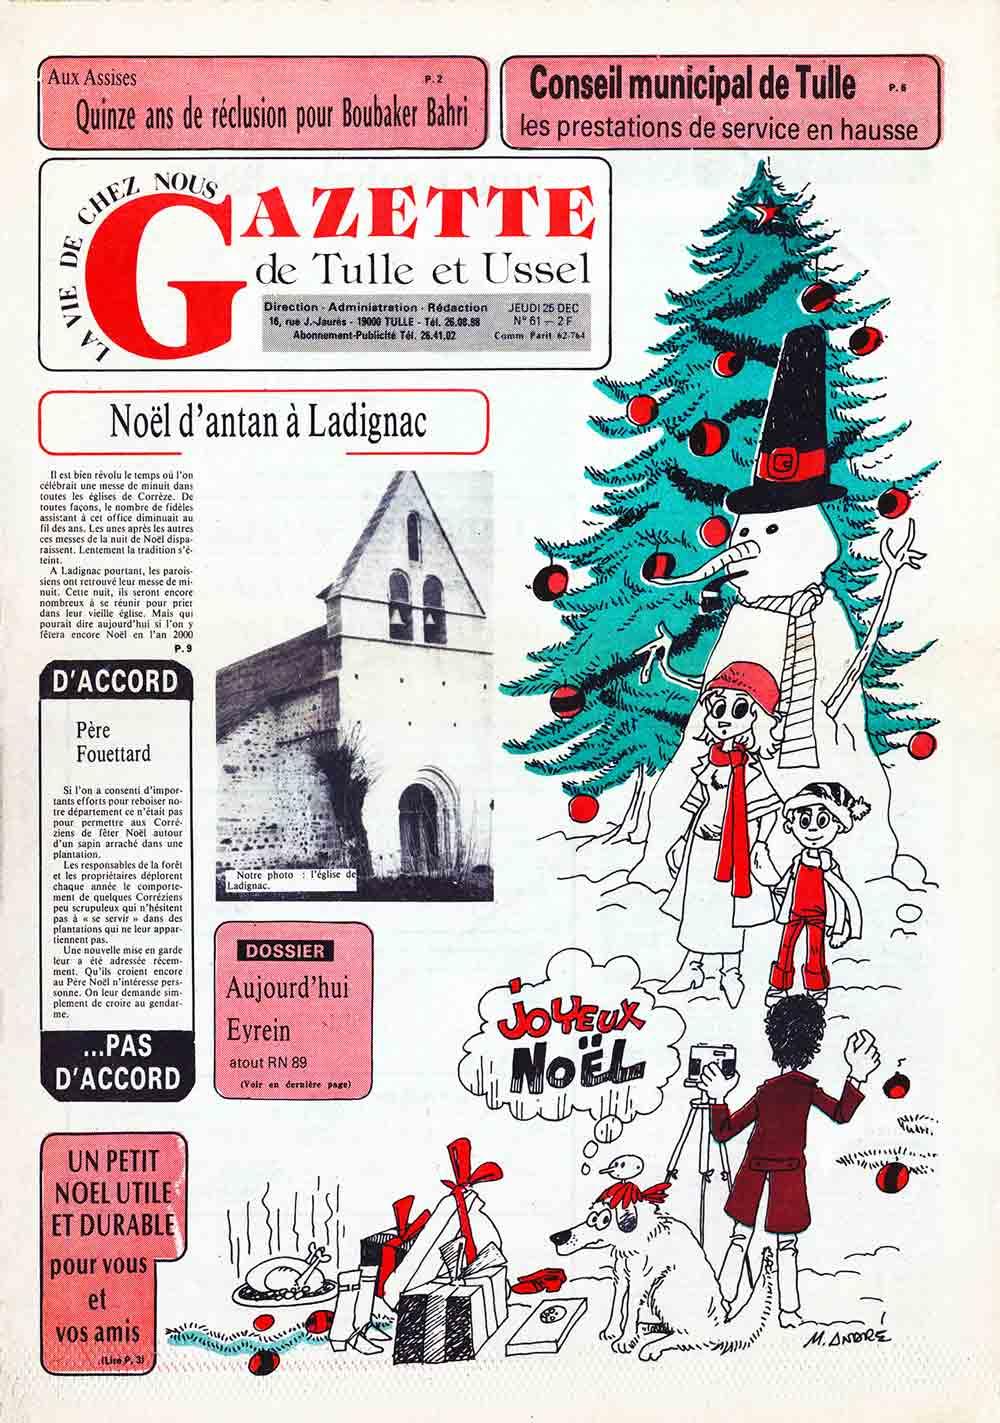 Illustration dans la Gazette de Tulle et Ussel n° 61, 25 décembre 1980 Marc-André